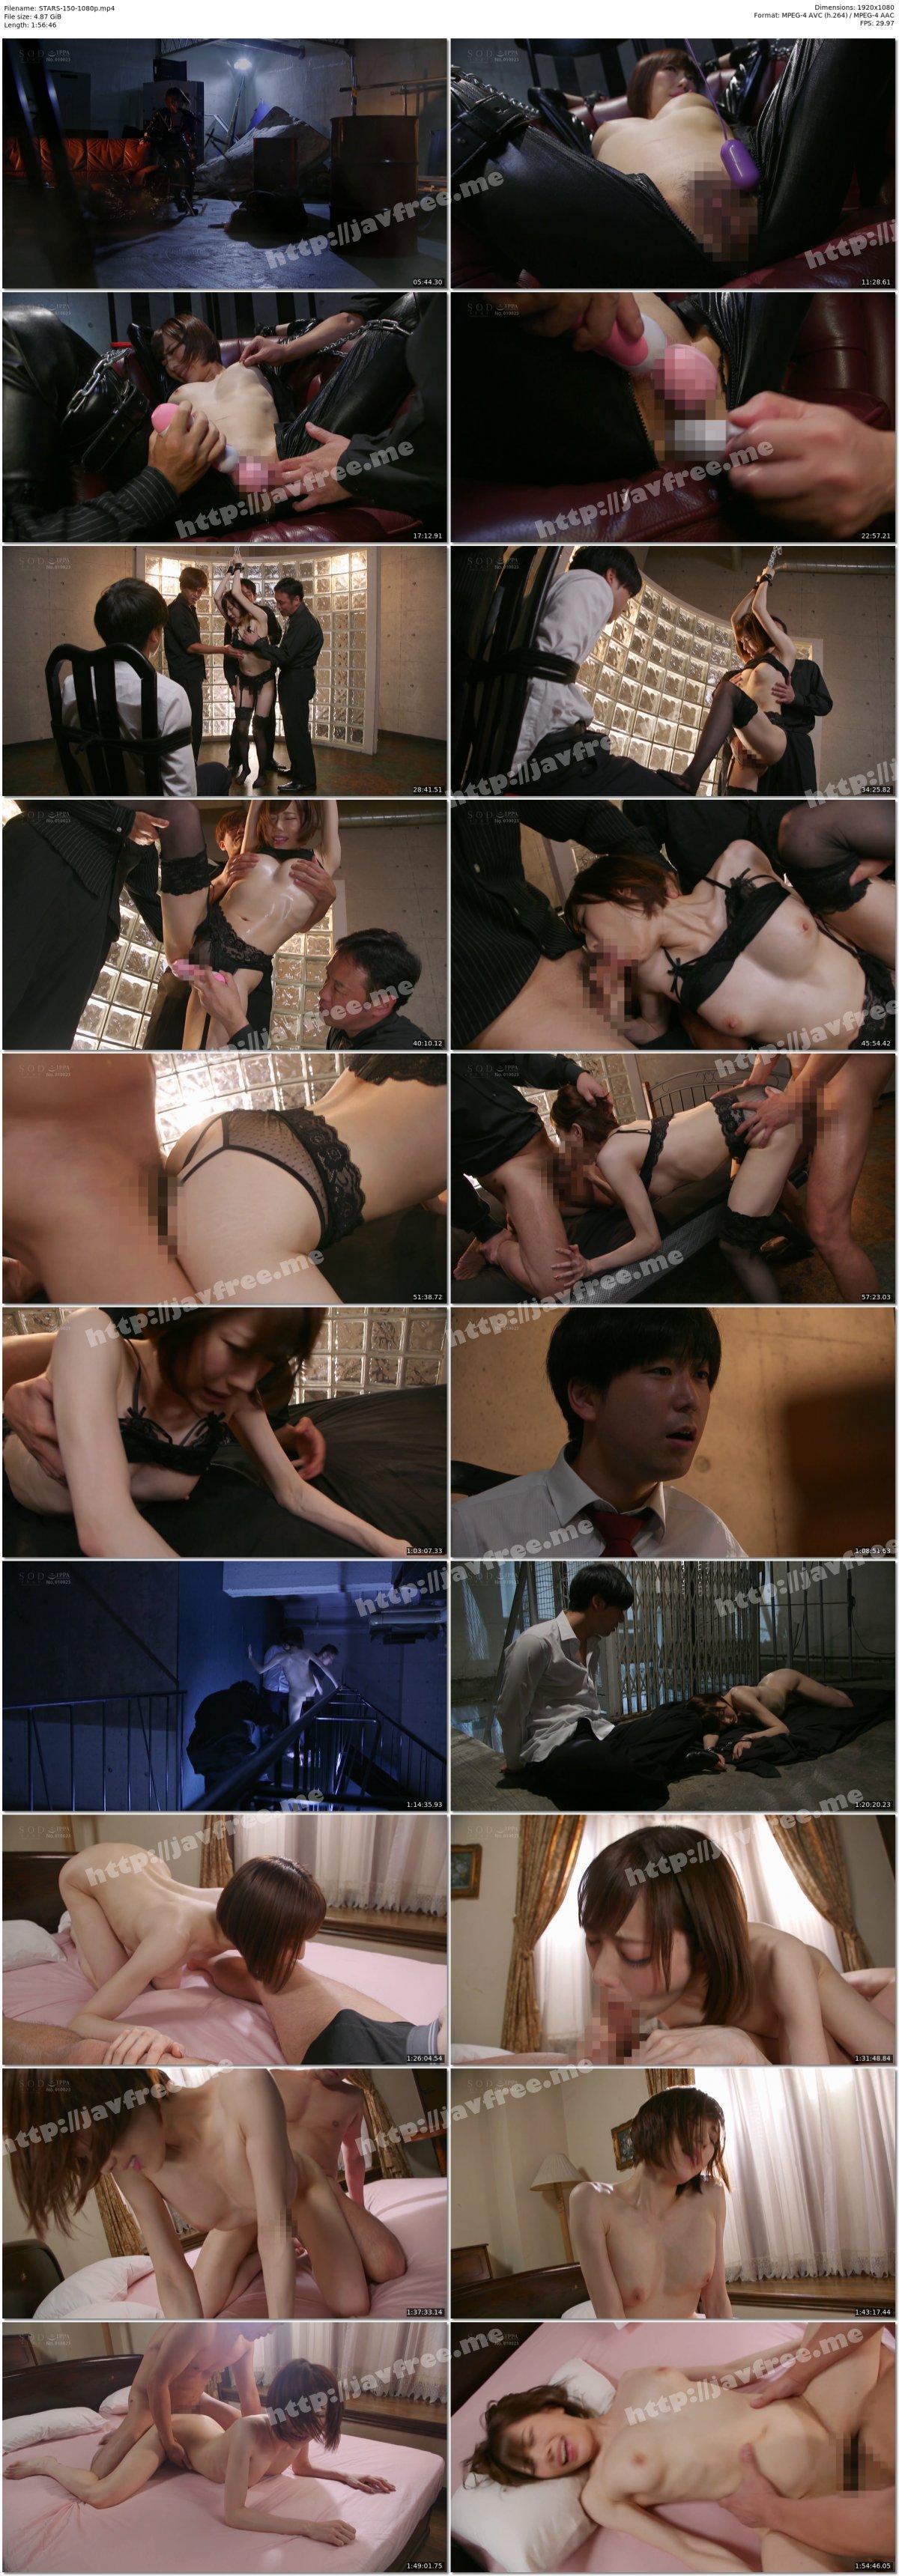 [HD][STARS-150] ヘタレな僕を救いに来た先輩女捜査官が悪の組織に輪姦されているのを見てフル勃起 七海ティナ